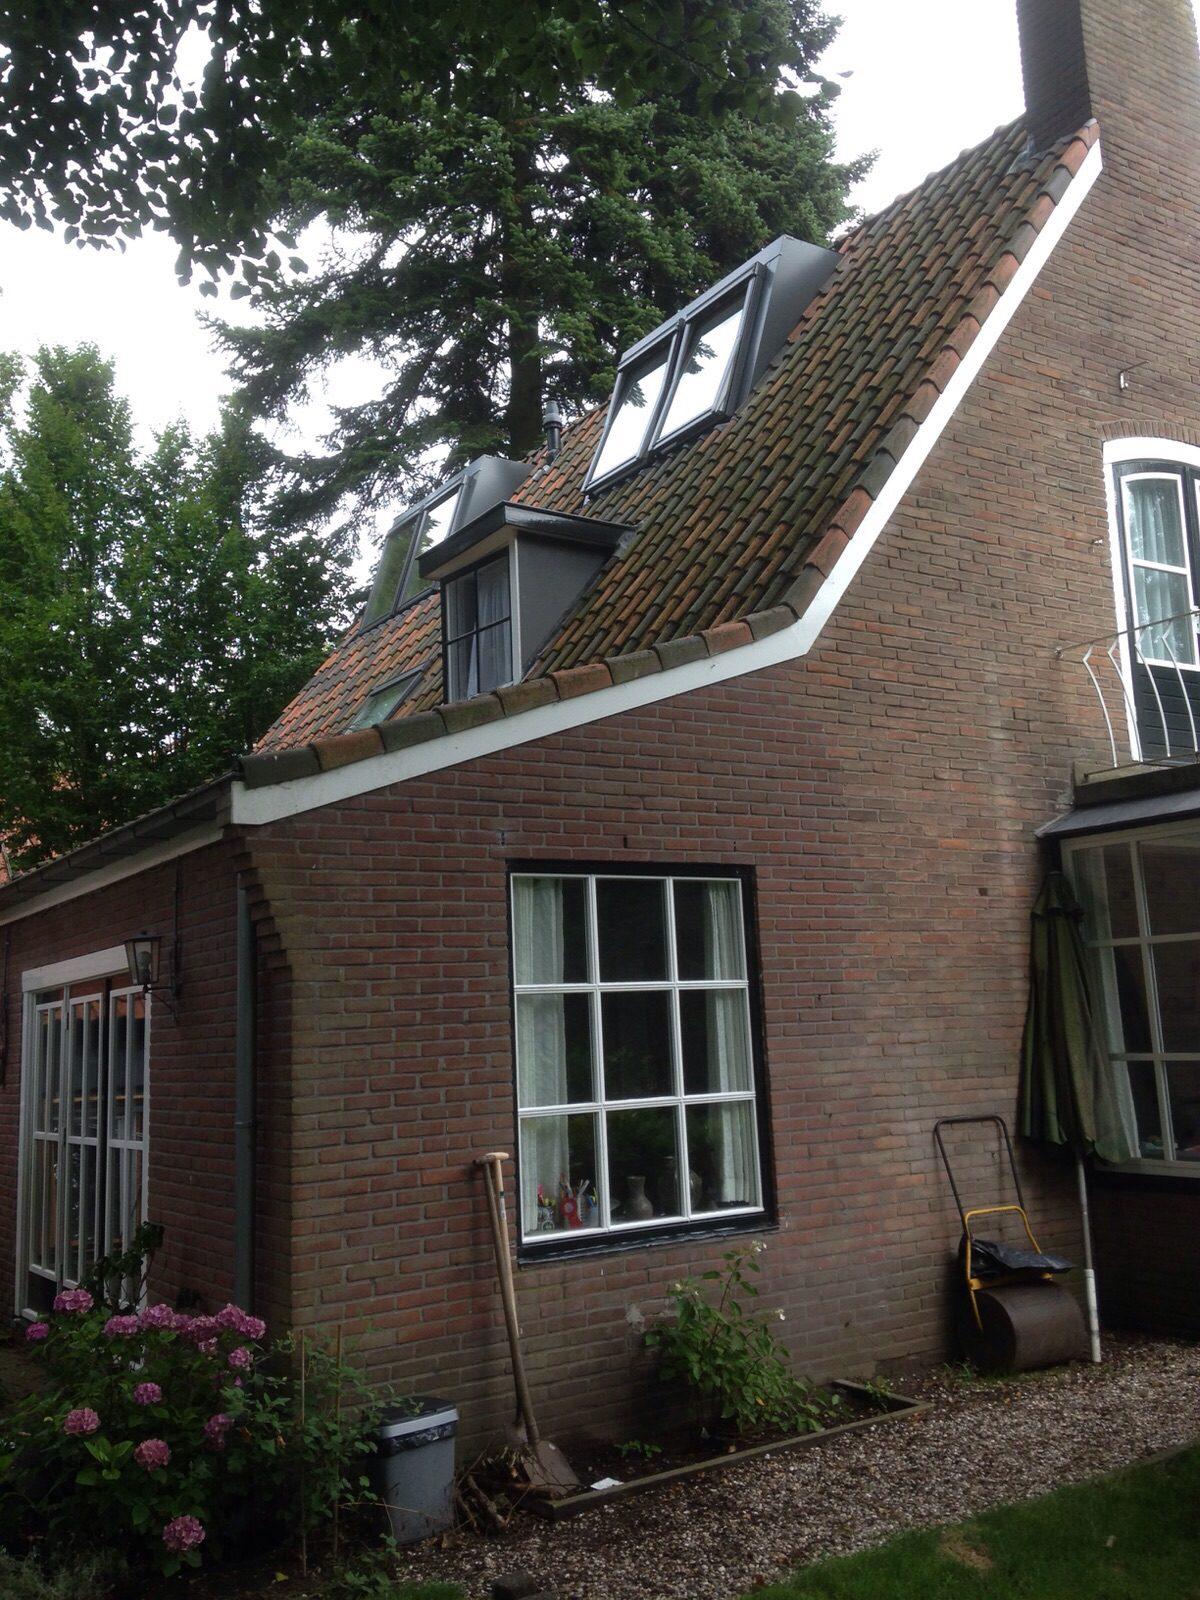 Verhoef-Dakramen-project-Vergunningsvrije dakkapellen Doorn422591